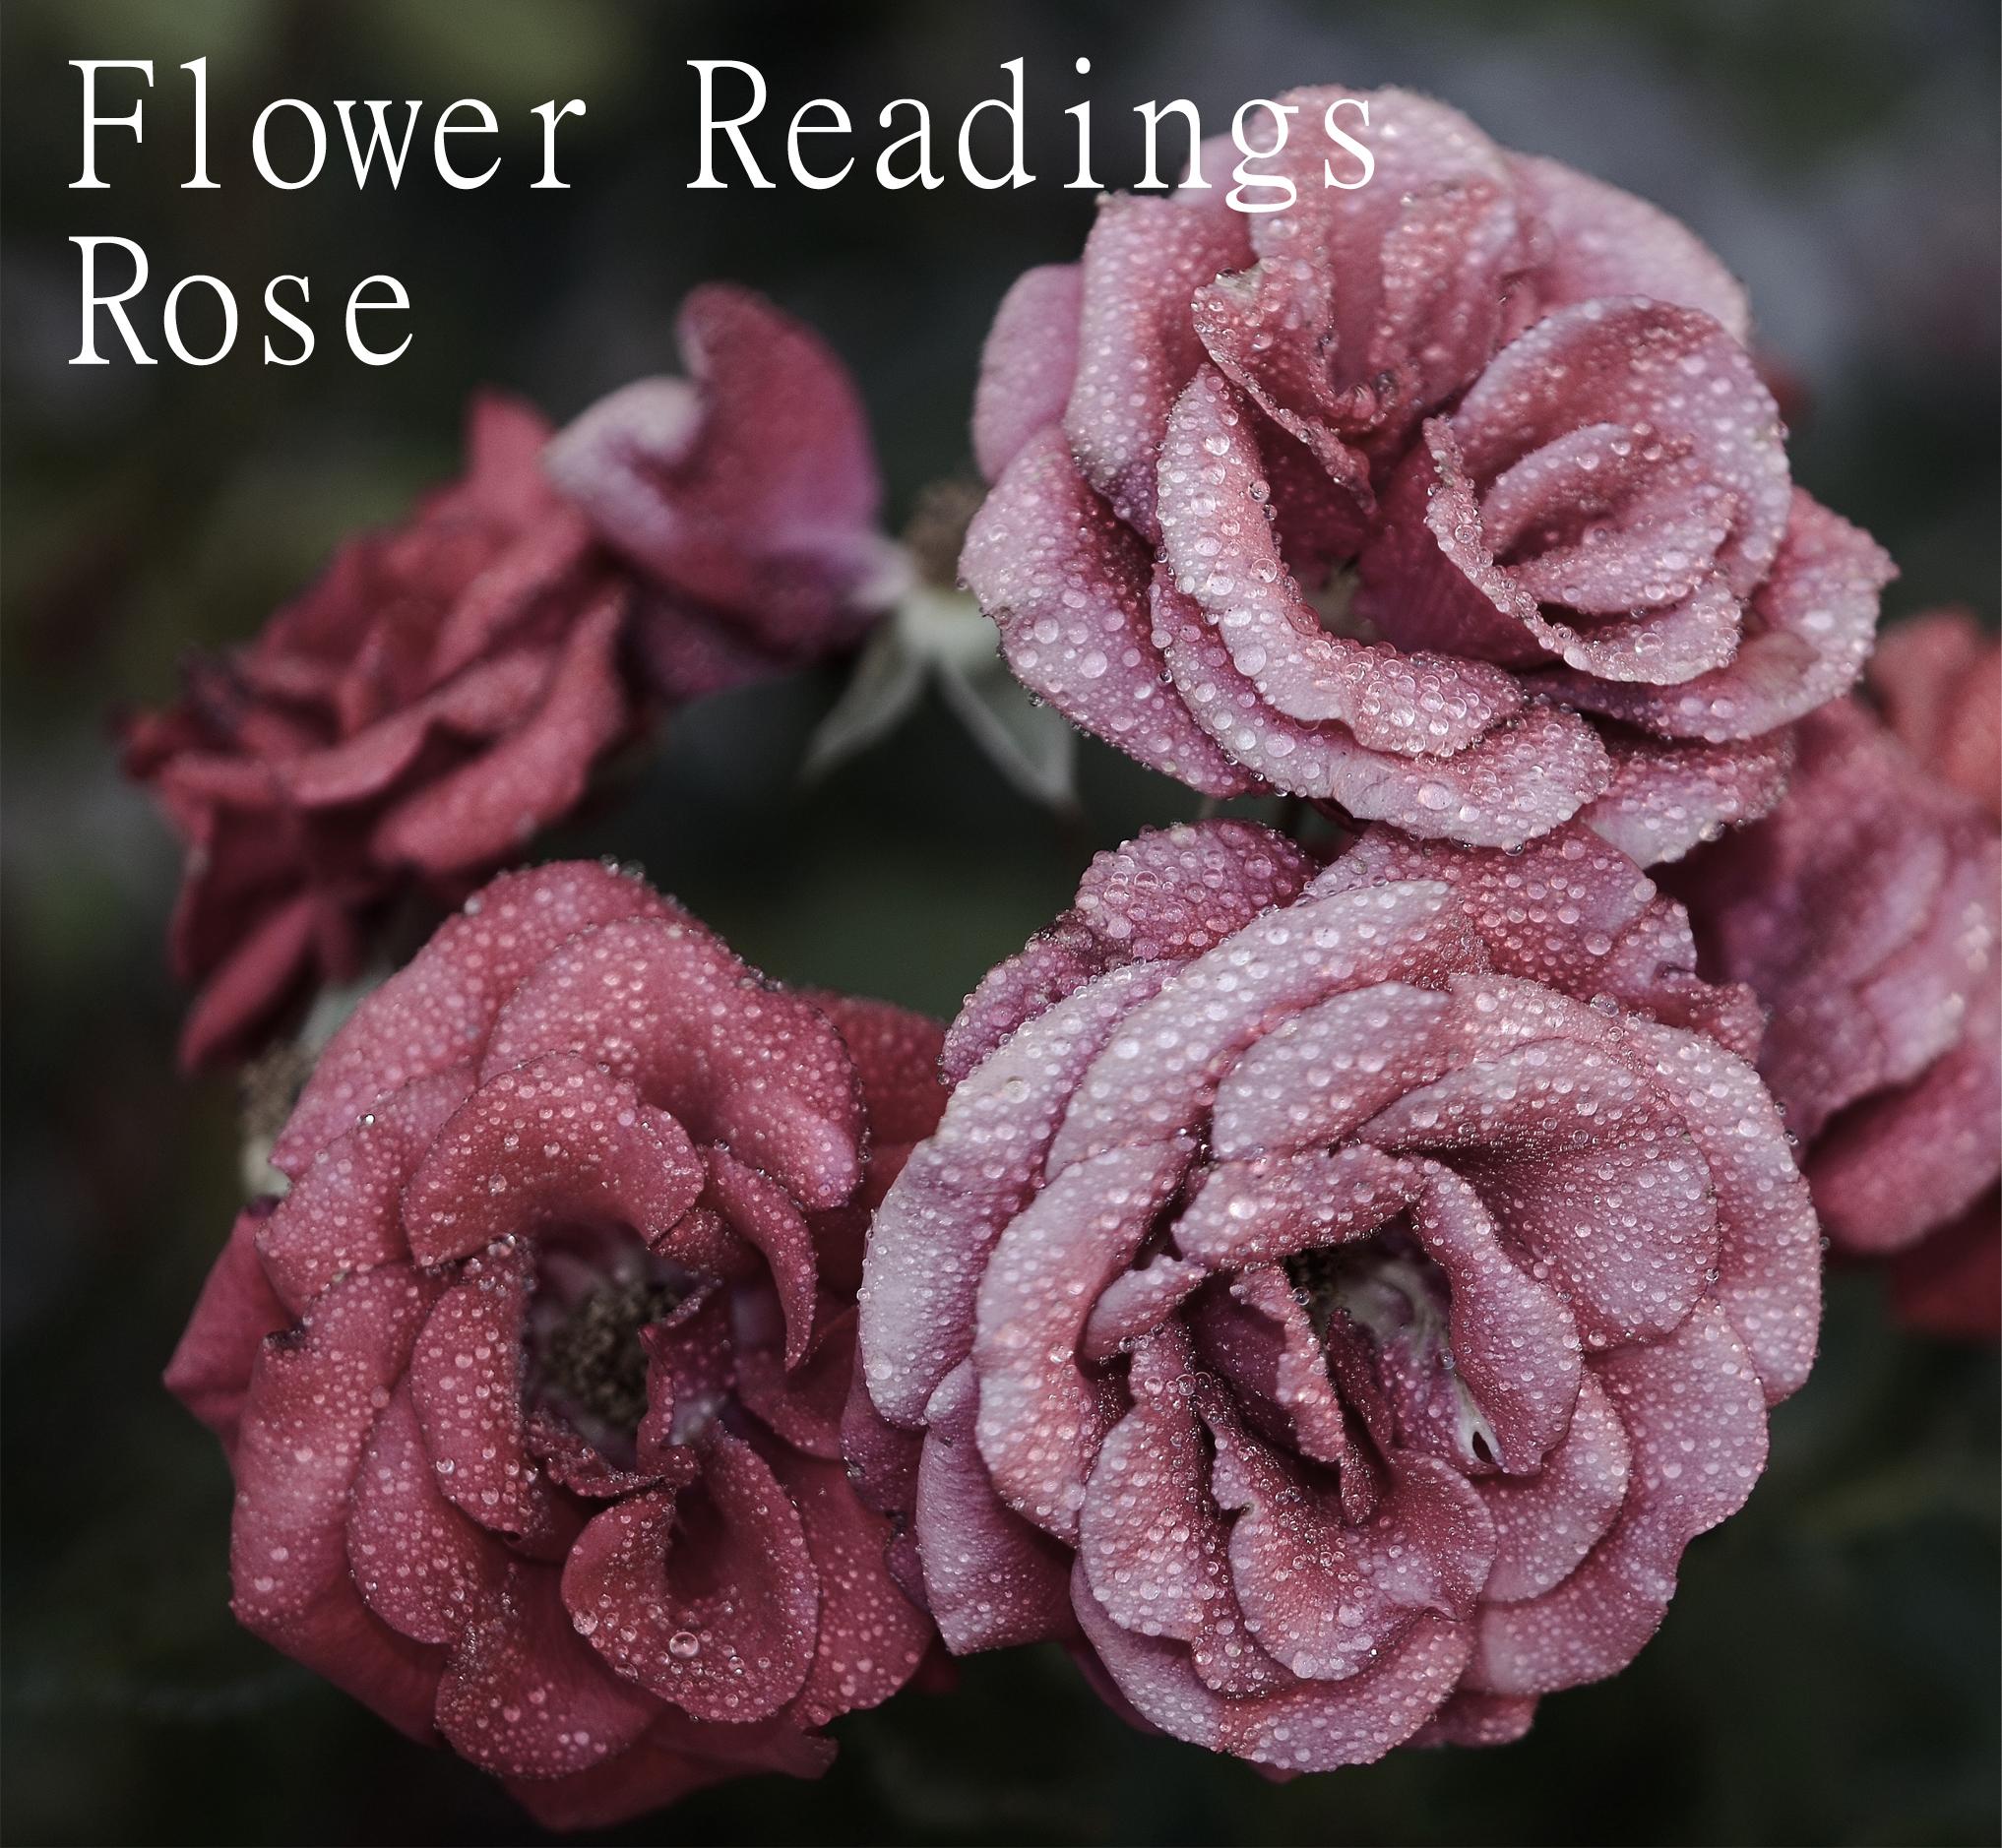 Flower Readings - Blog - Nirvana Light